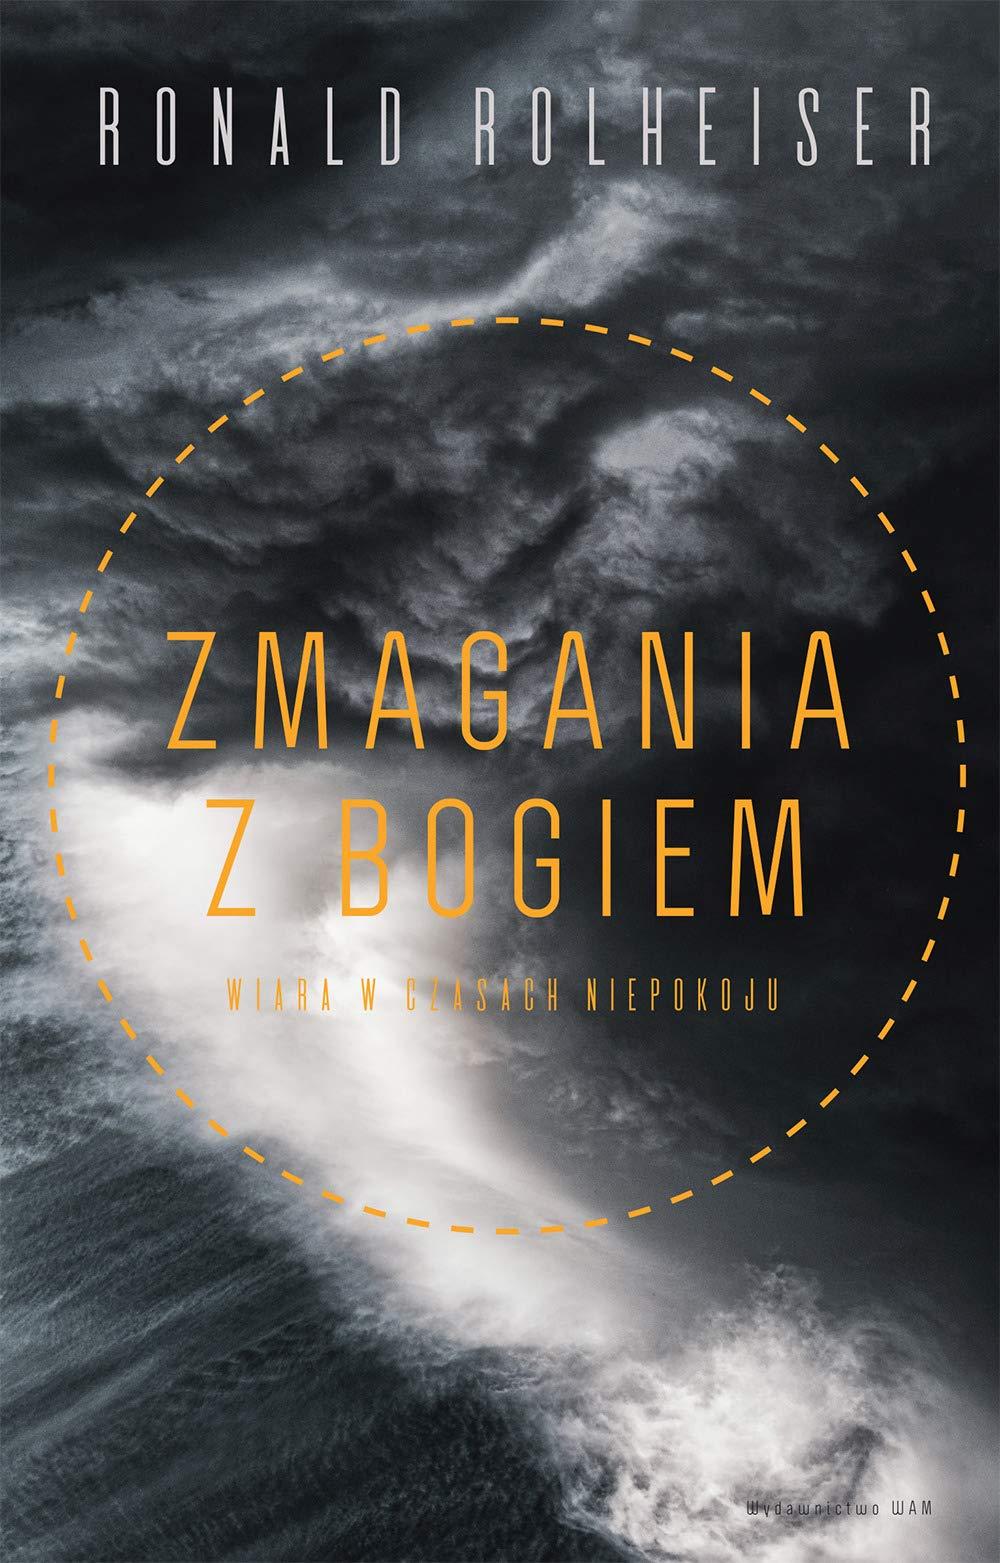 Zmagania z Bogiem: Wiara w czasach niepewnosci: Amazon.es ...